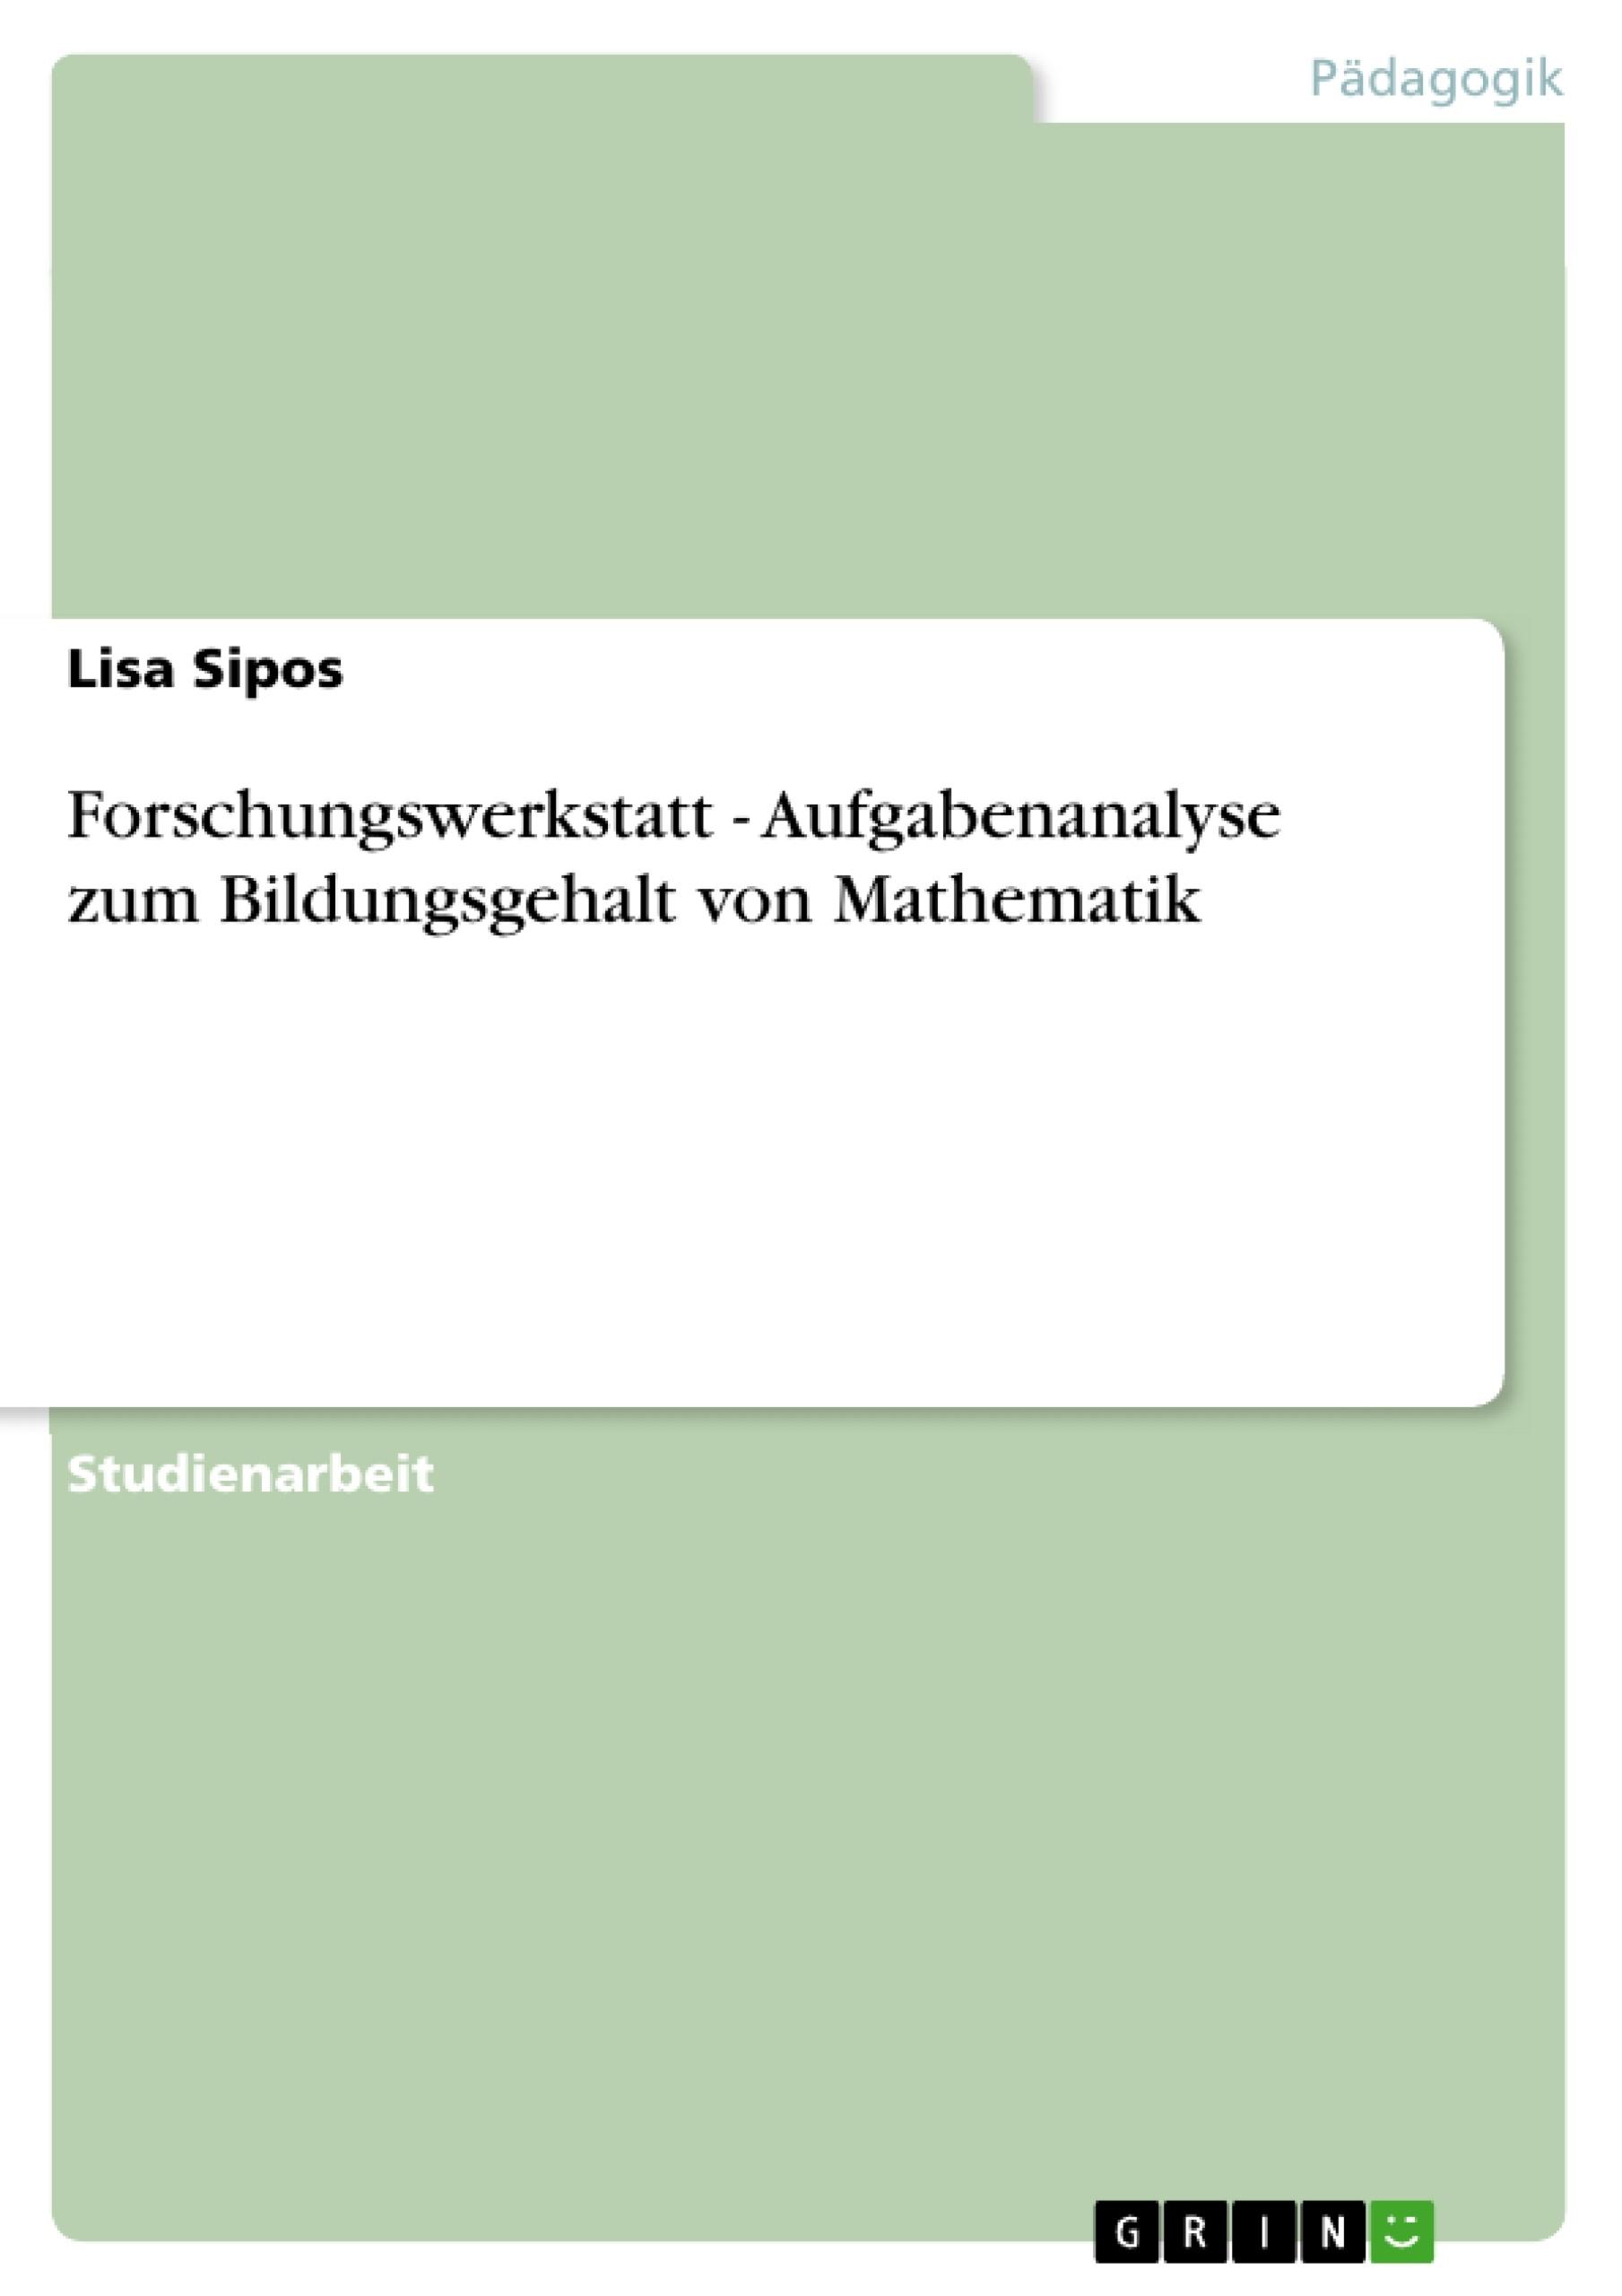 Titel: Forschungswerkstatt - Aufgabenanalyse zum Bildungsgehalt von Mathematik